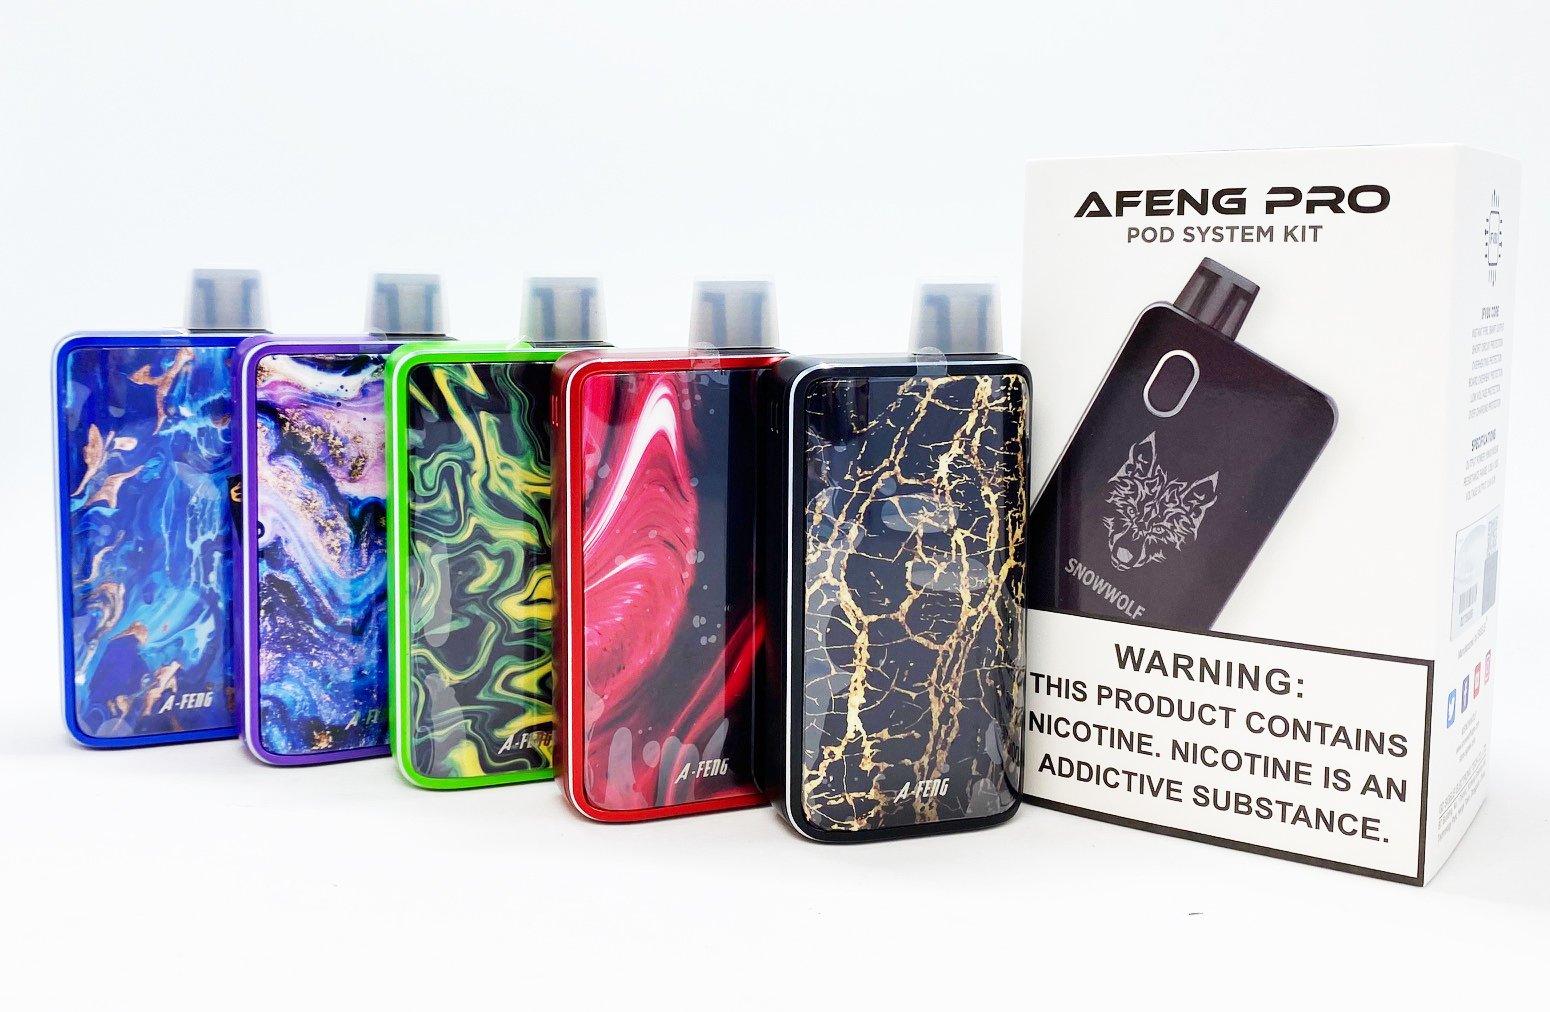 SnowWolf AFeng Pro Kit